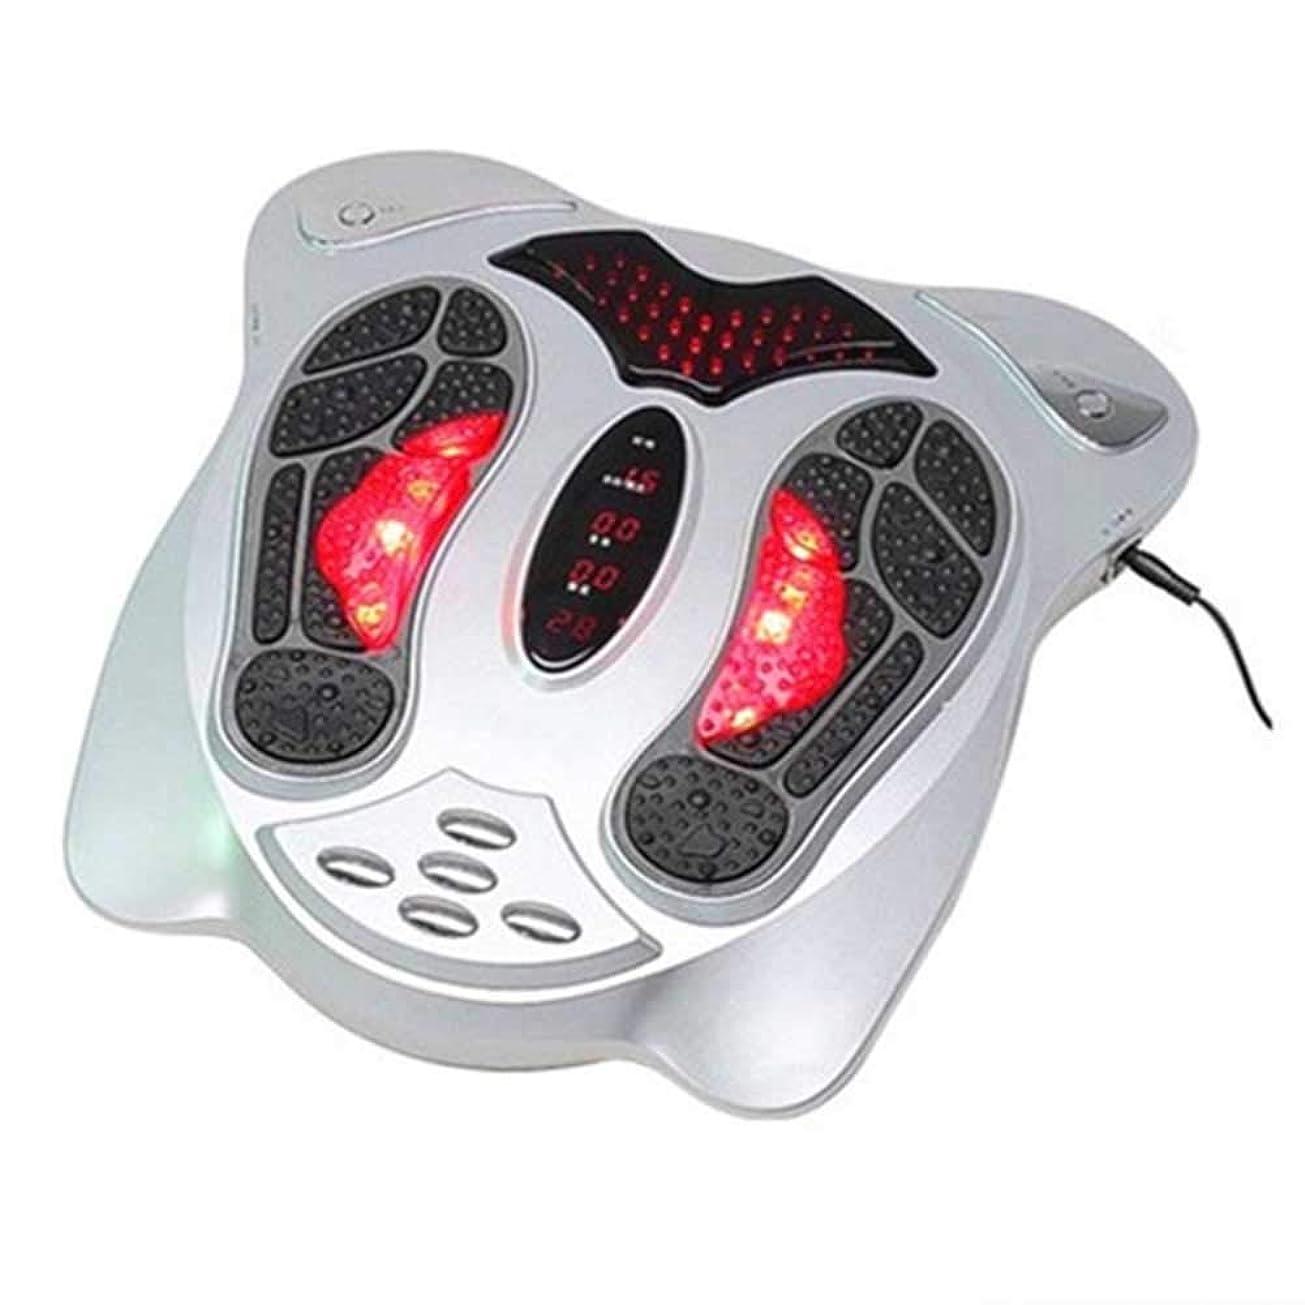 ドア役に立たないパンツ足のマッサージャーの電気足の低頻度の脈拍の針療法のマッサージャーの低頻度の健康療法の器械, Silver